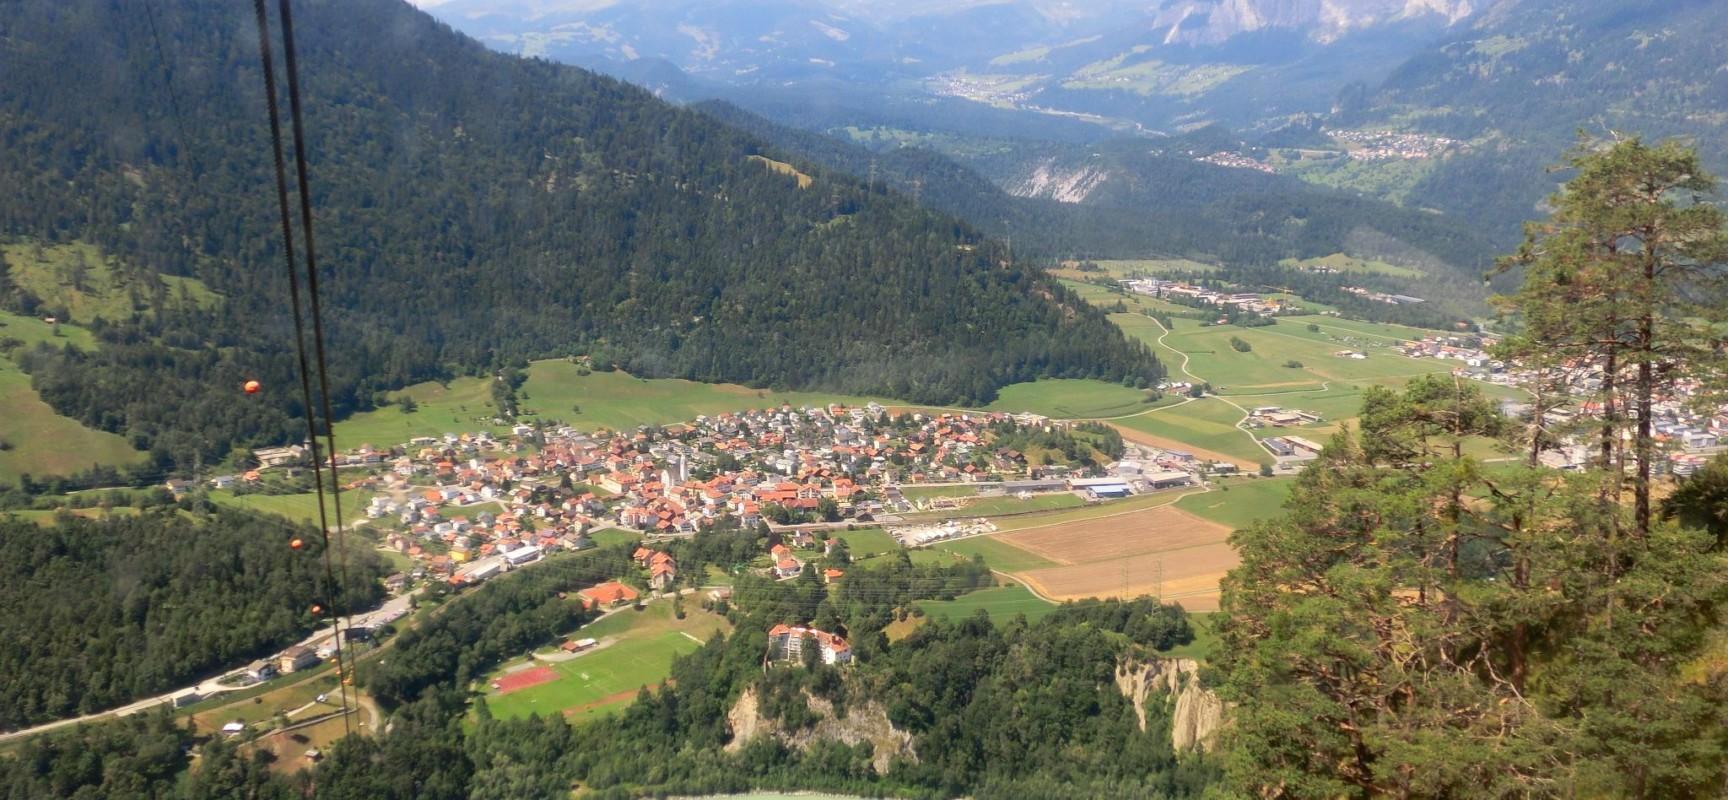 Mäandrierender Hinterrhein bei Rhäzüns